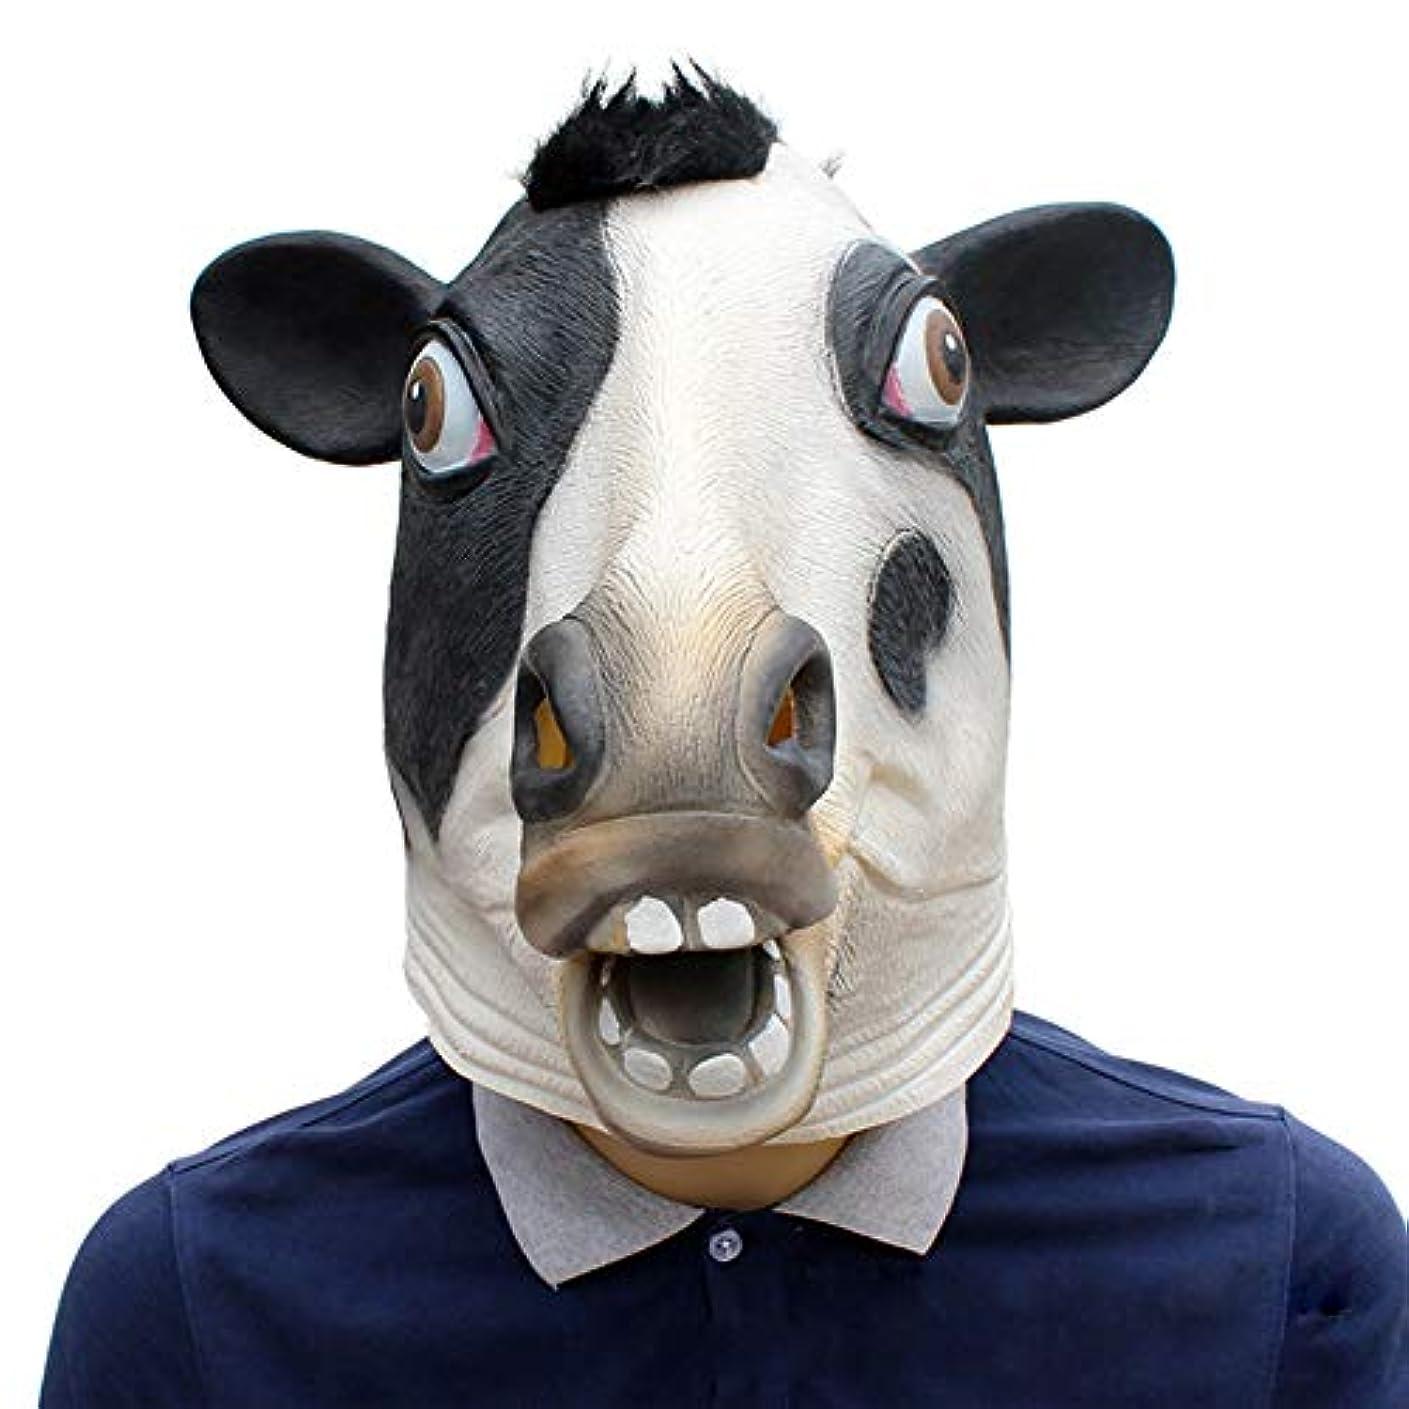 マーキー心から第ハロウィーンマスク、牛ラテックスマスク、ハロウィーン、テーマパーティー、カーニバル、レイブパーティー、バー、小道具、映画。